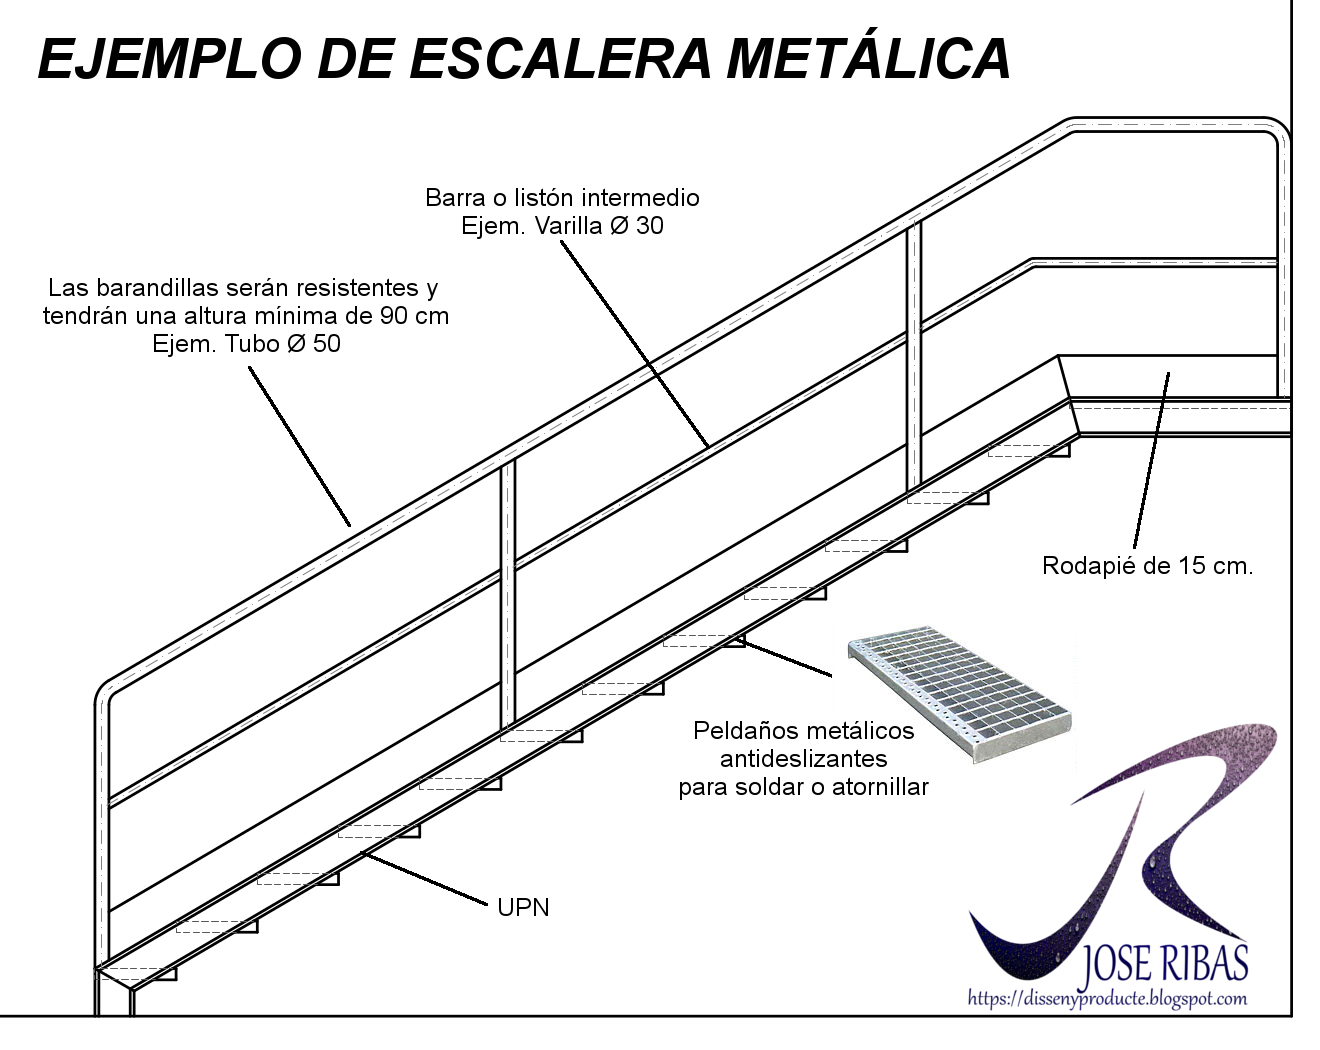 Ejemplo de escalera met lica de uso industrial disseny for Armar escalera metalica